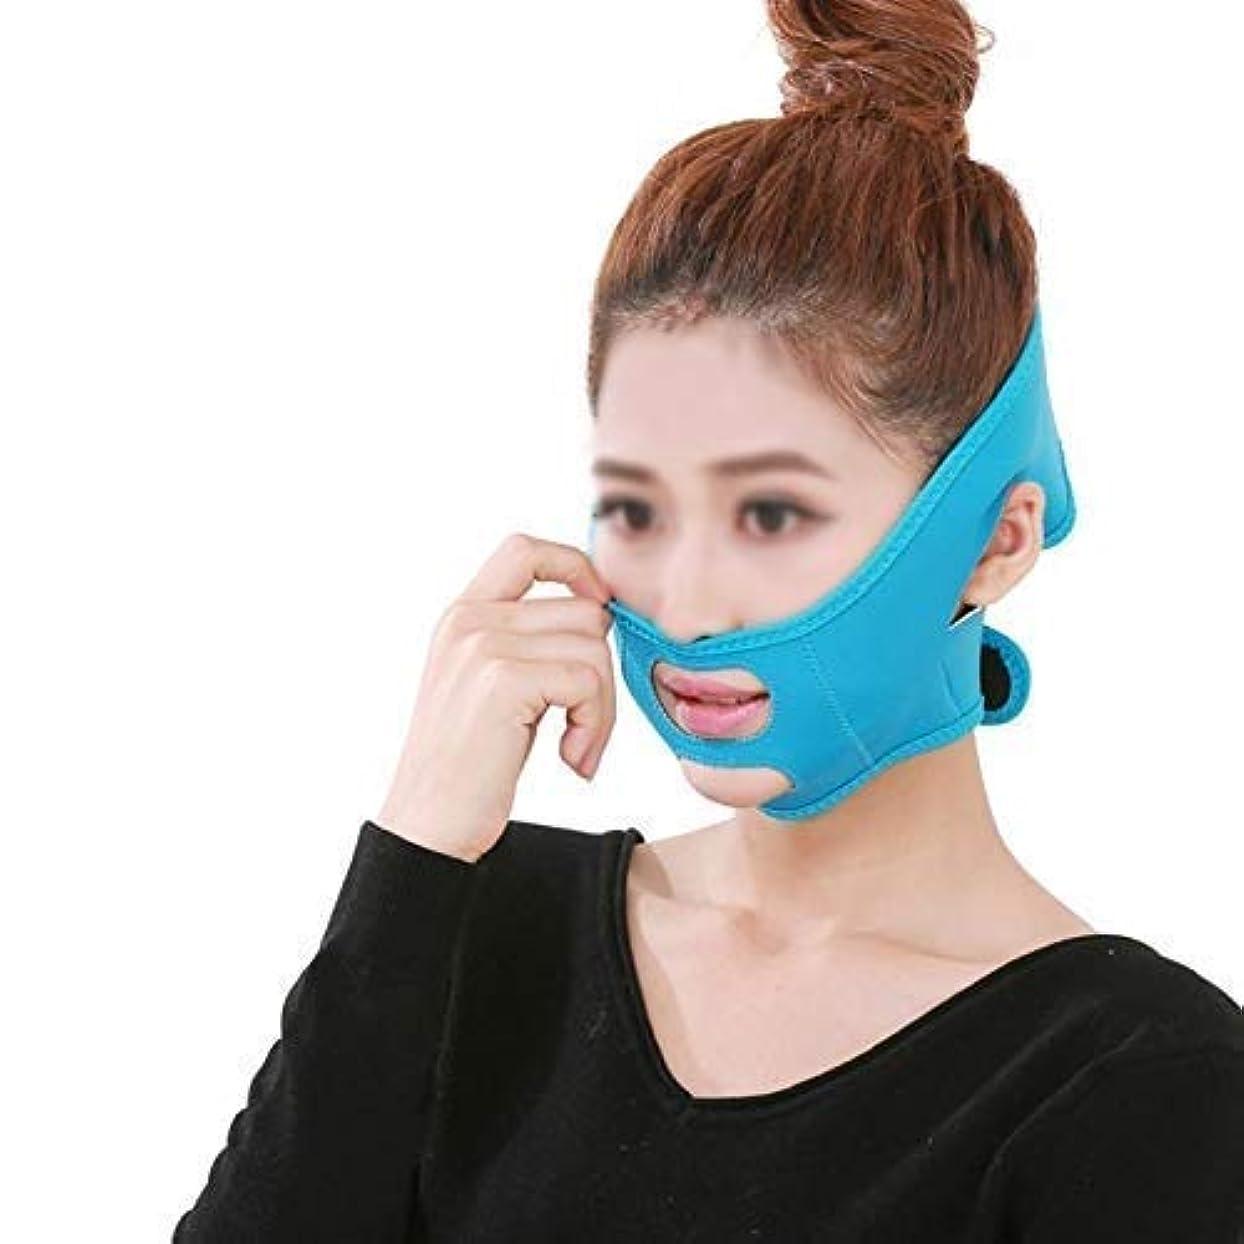 依存する引き潮とても多くのフェイスリフトフェイシャル、フェイシャルマスクVフェイスマスクタイトで肌のリラクゼーションを防止Vフェイスアーティファクトフェイスリフトバンデージフェイスケア(色:青)